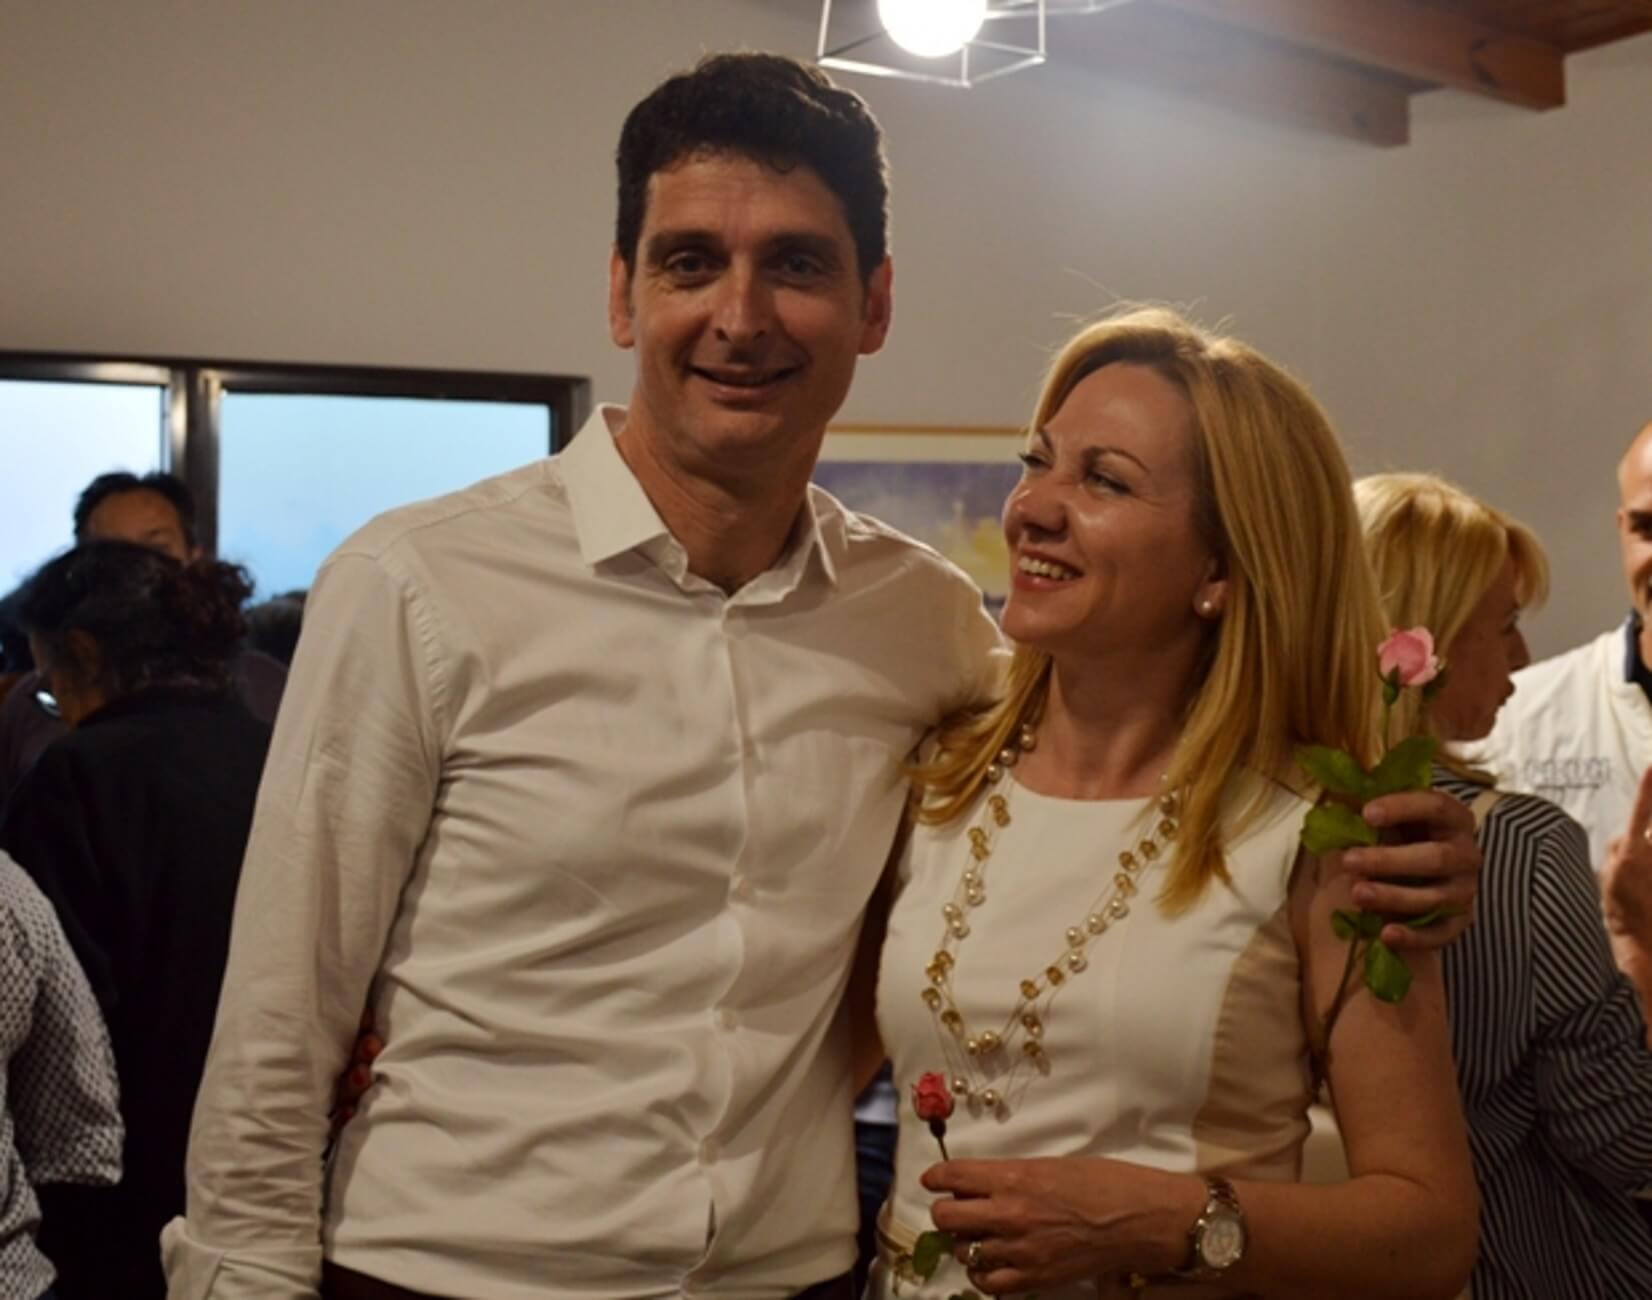 Αποτελέσματα Εκλογών: Θρίλερ στο Μεγανήσι – Νέος δήμαρχος στη Λευκάδα ο Χαράλαμπος Καλός – video